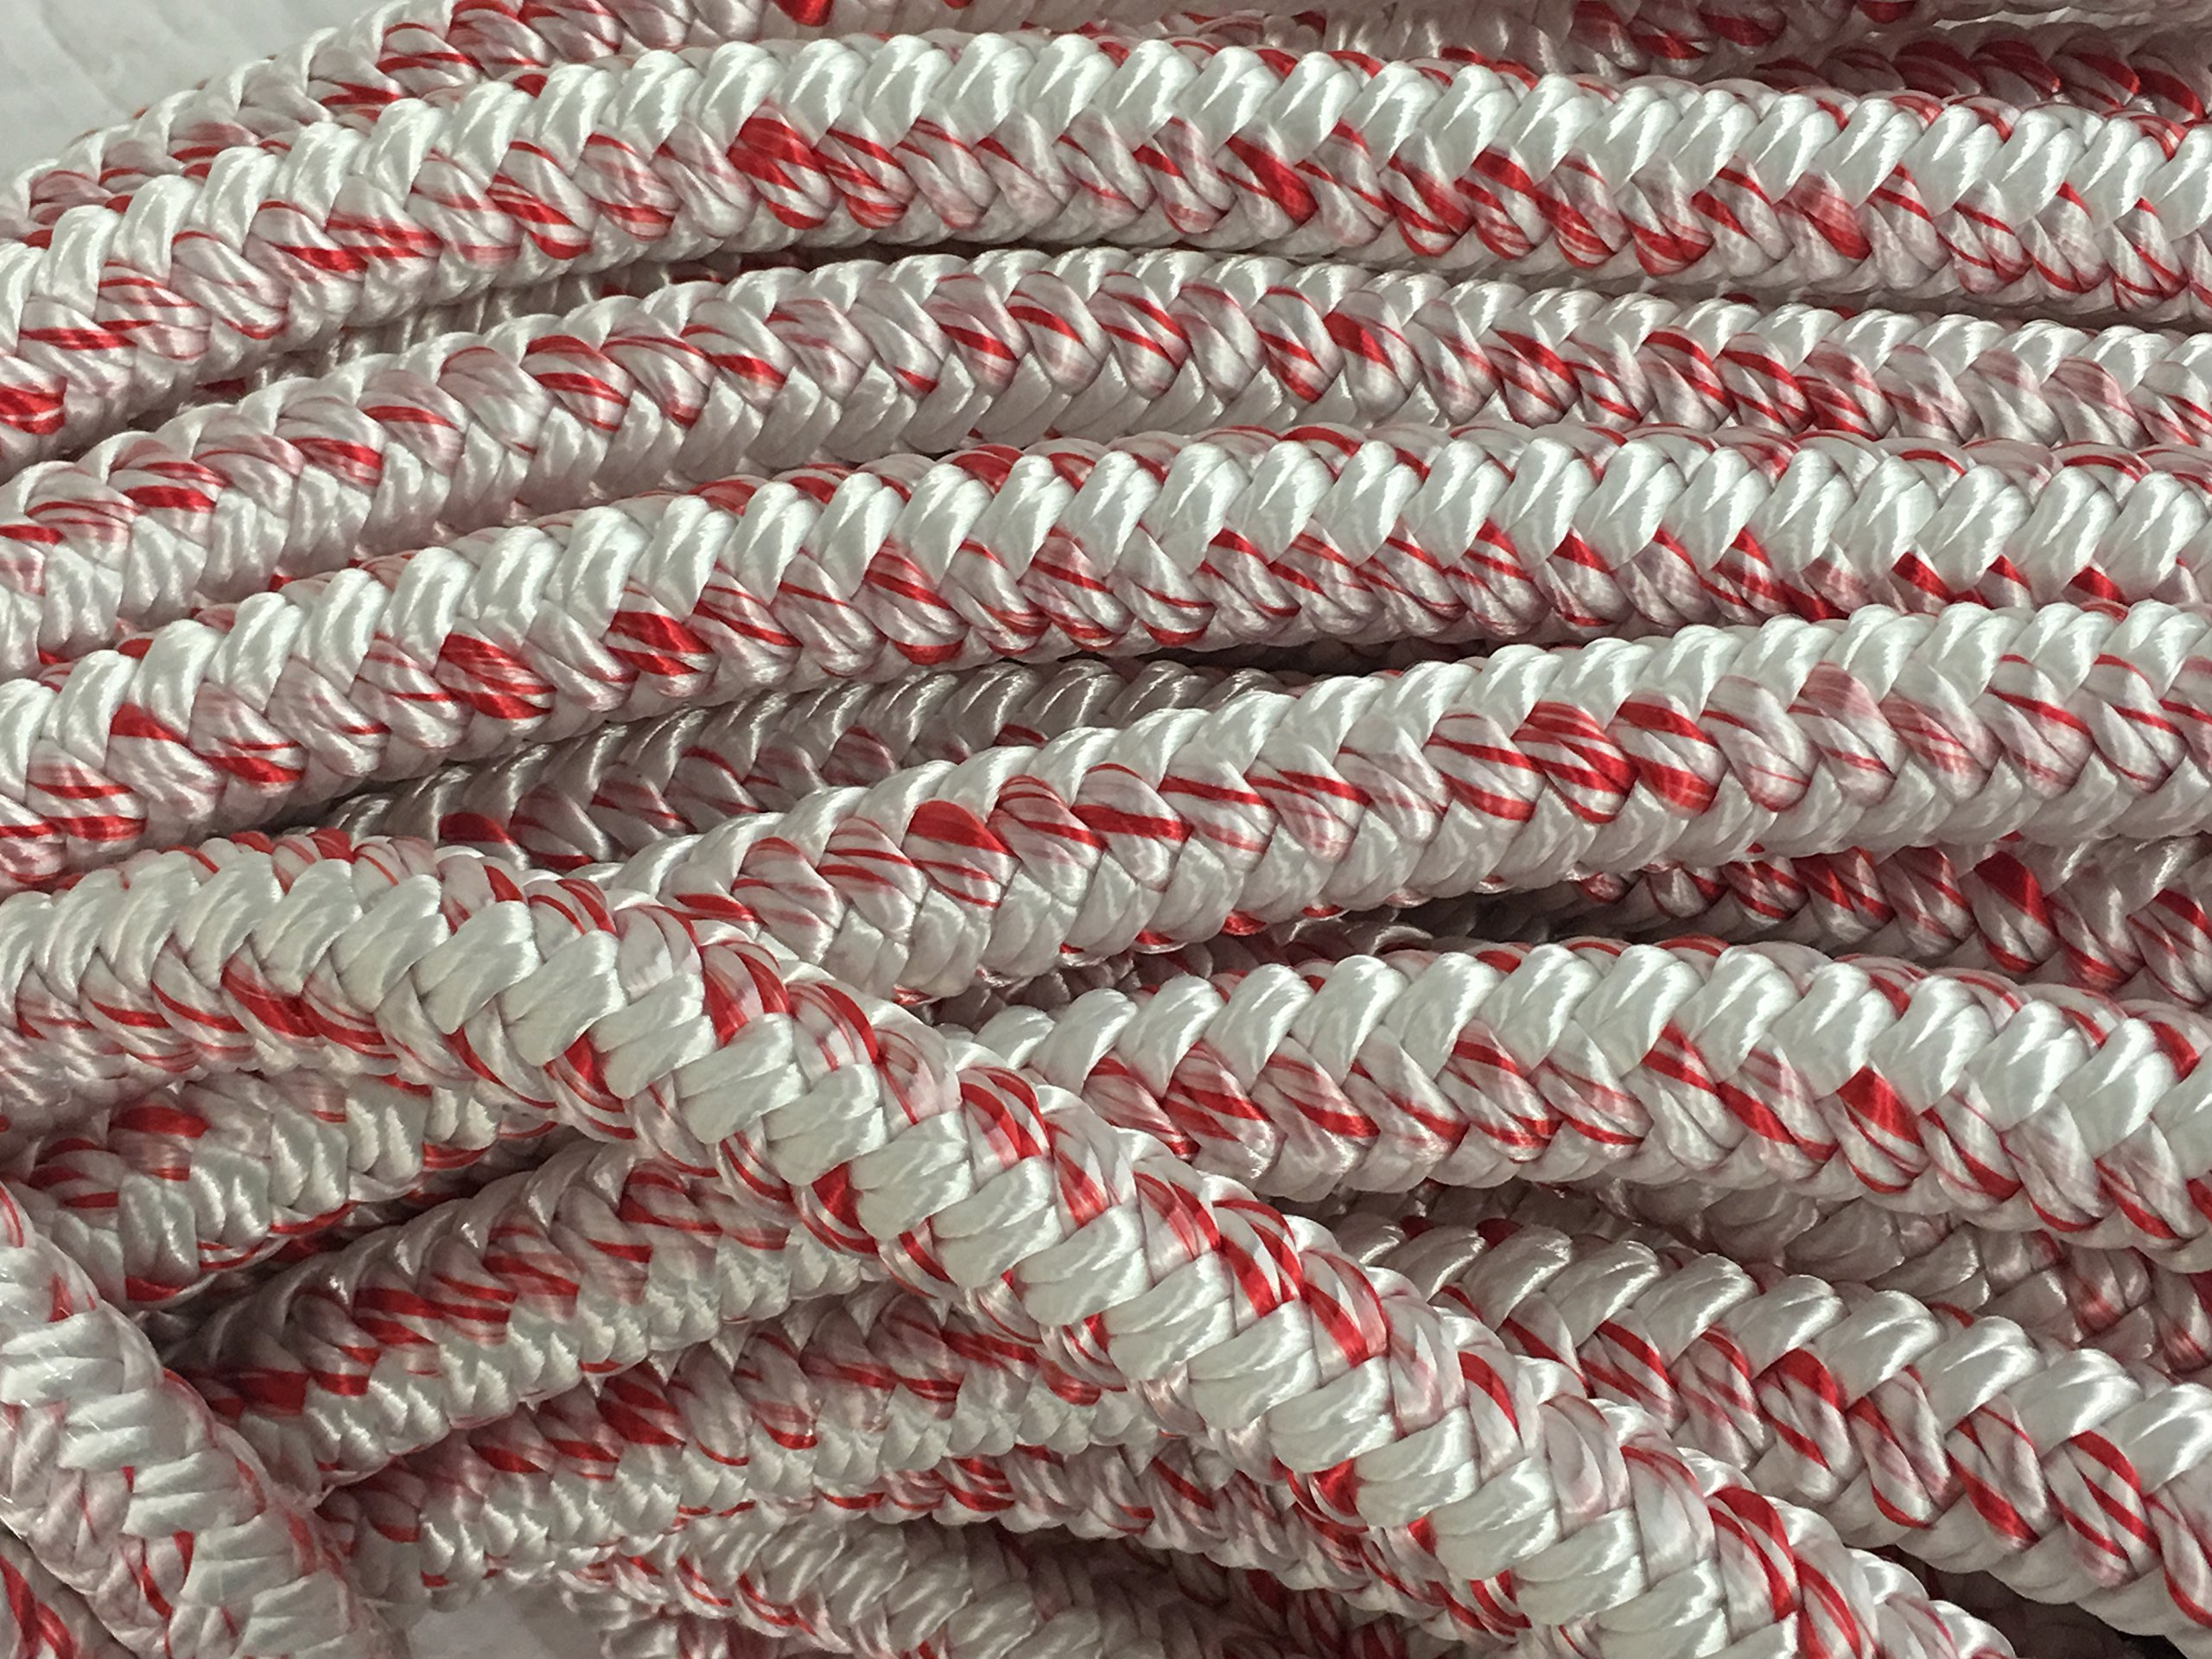 3/4'' X 150', 12 Carrier, 24-strand Arborist Bull Rope, White/Red